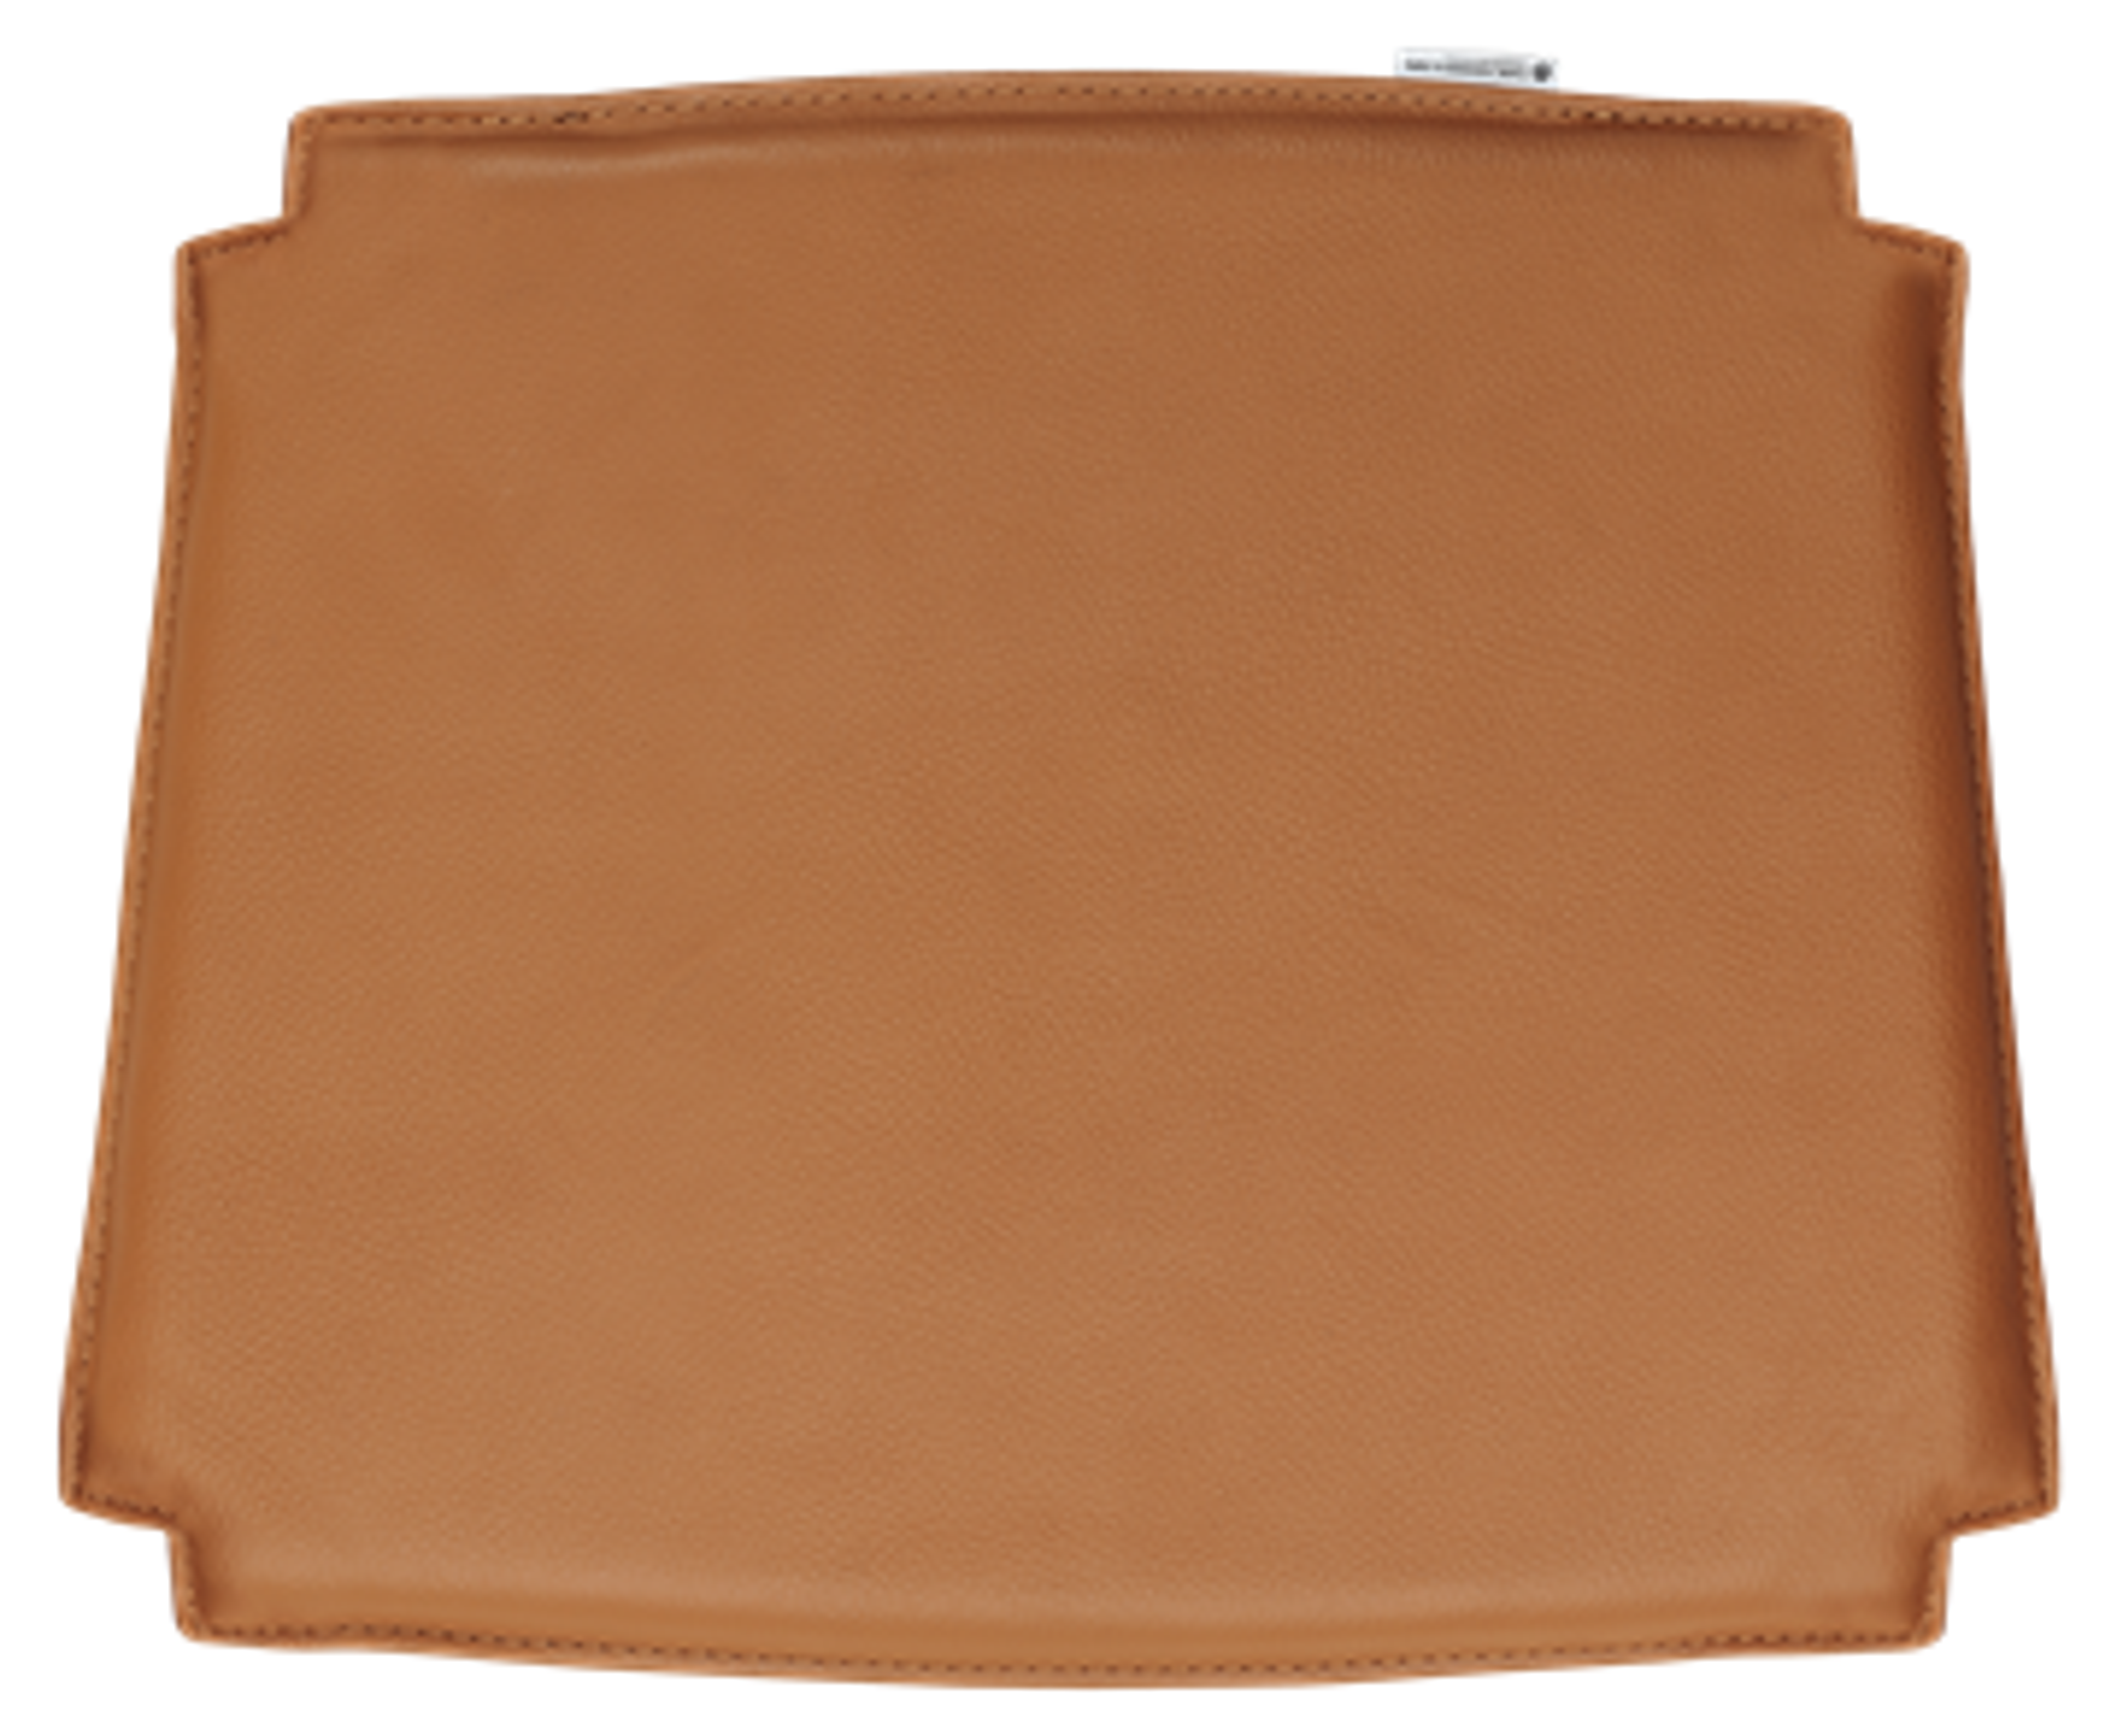 CH23 Cushion